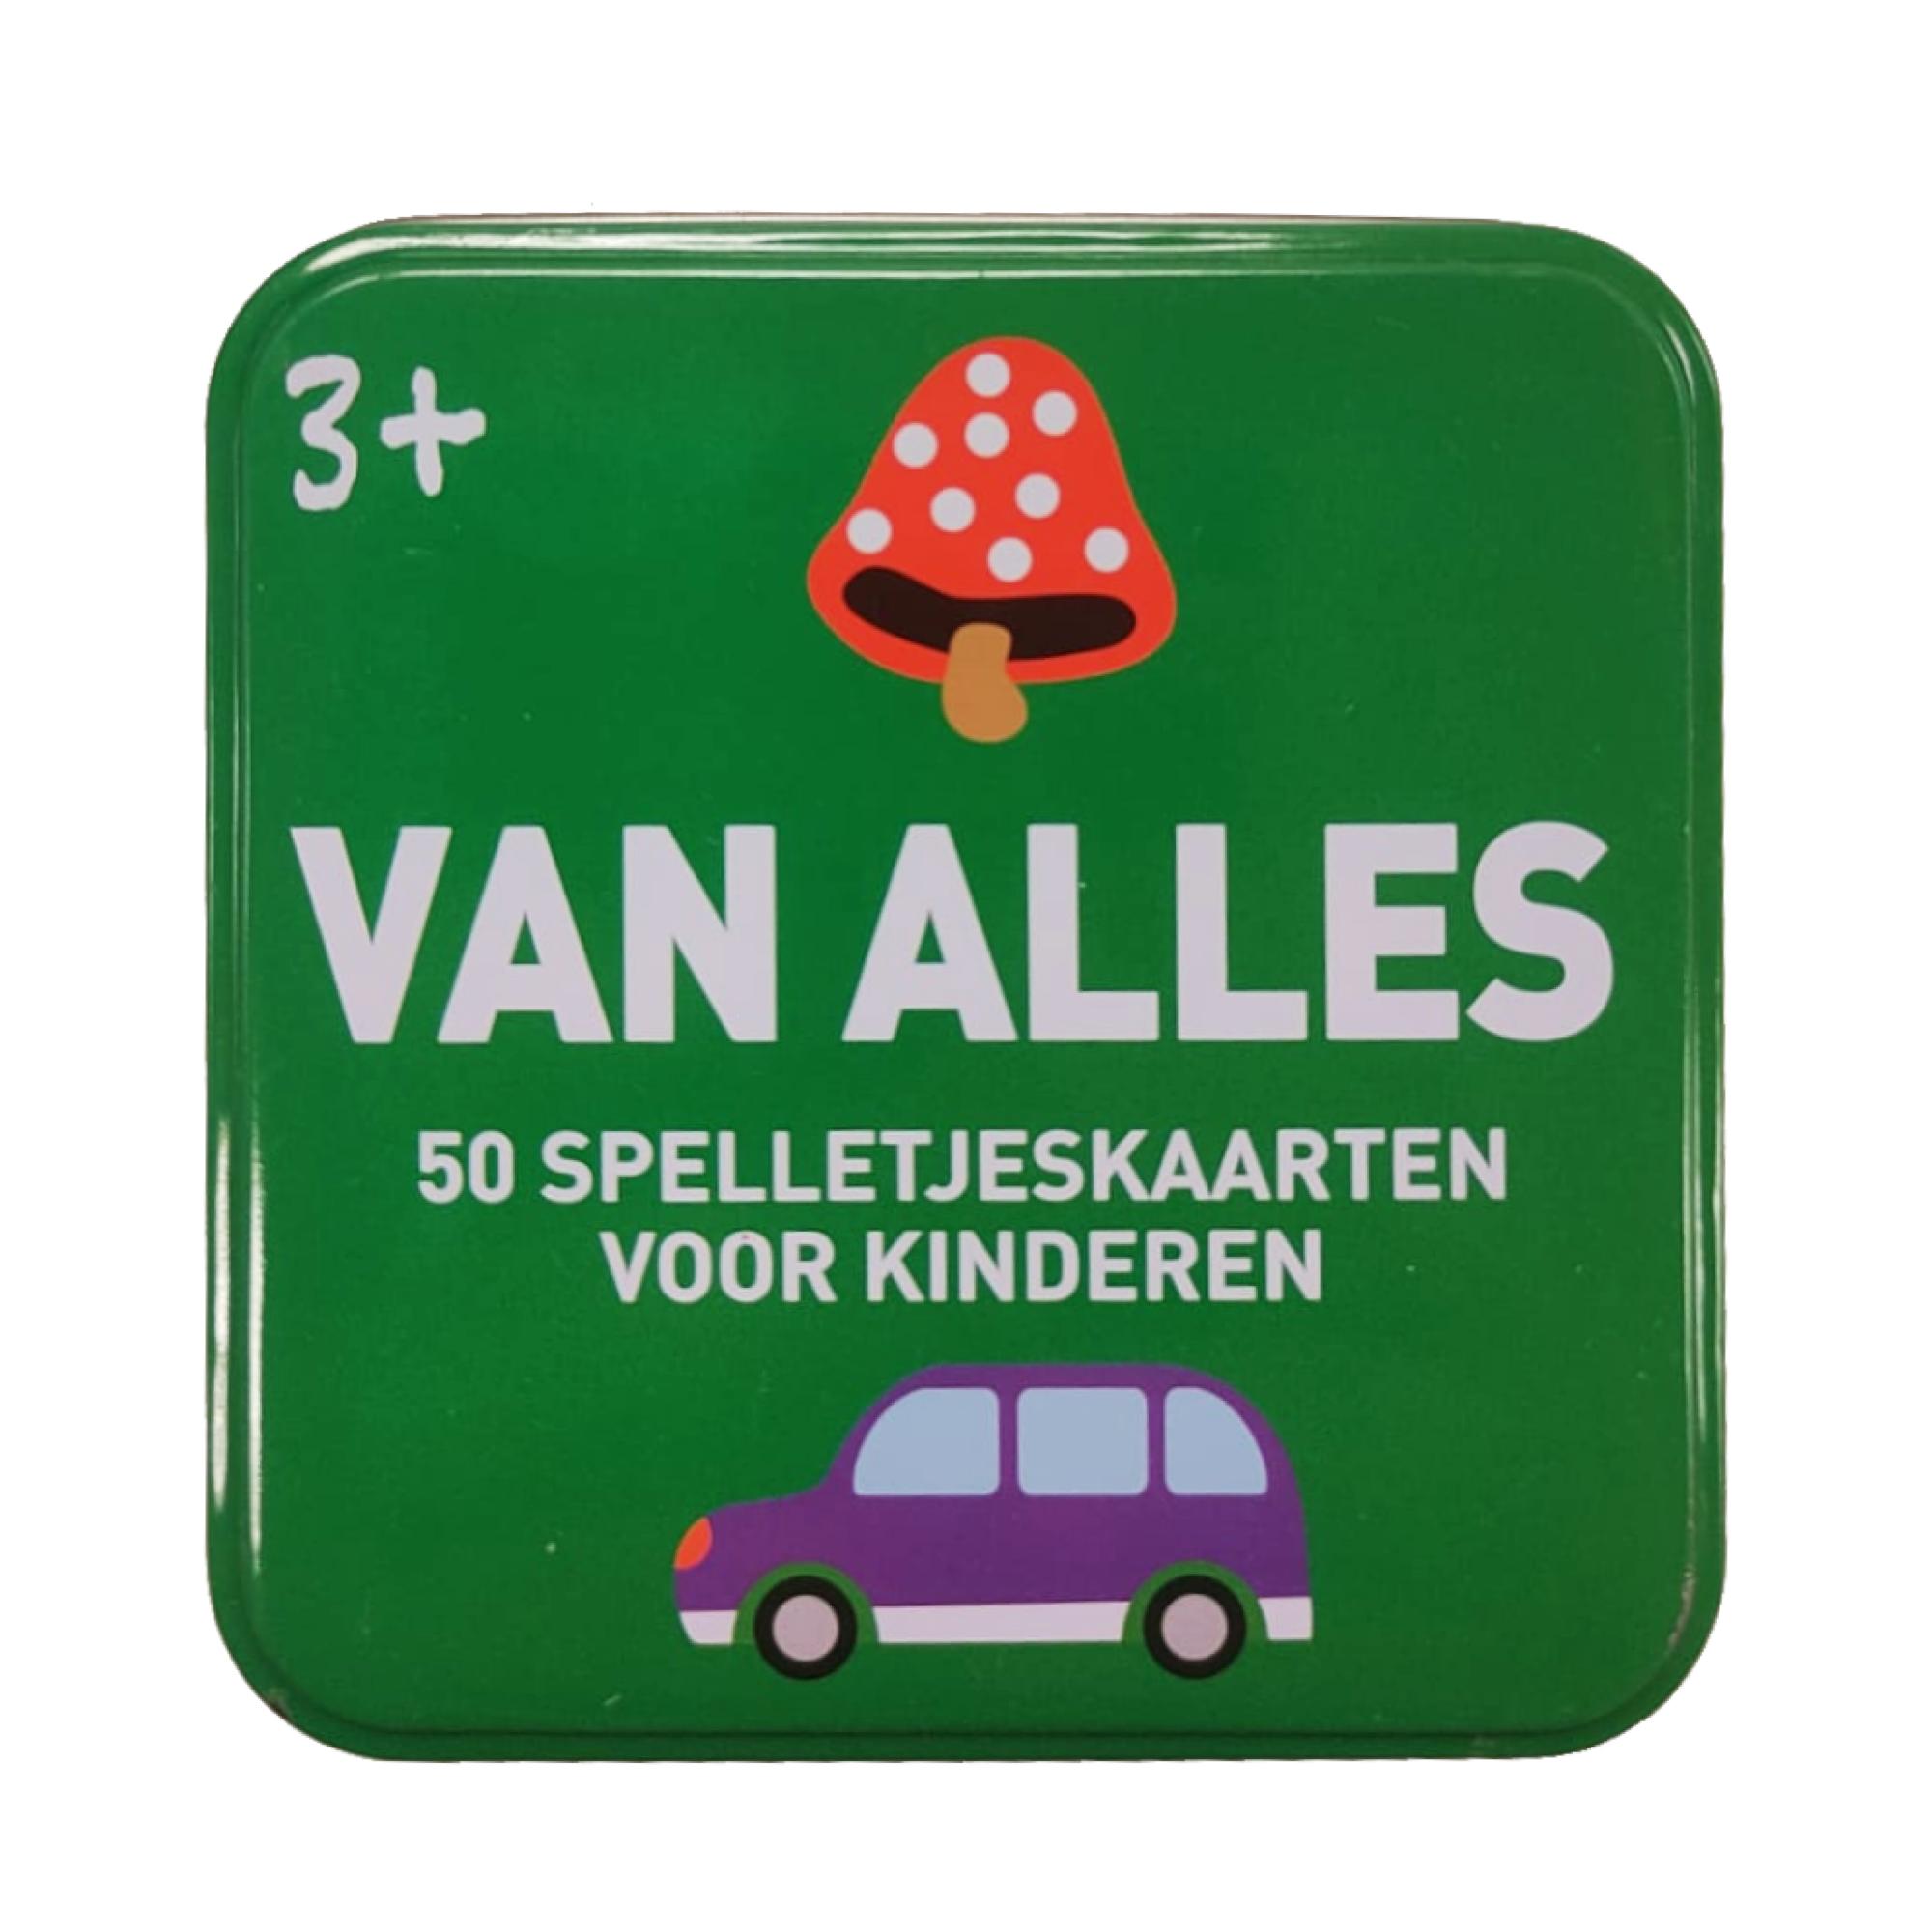 Imagebooks Spelletjes kaarten in blikje - Van alles - 3+